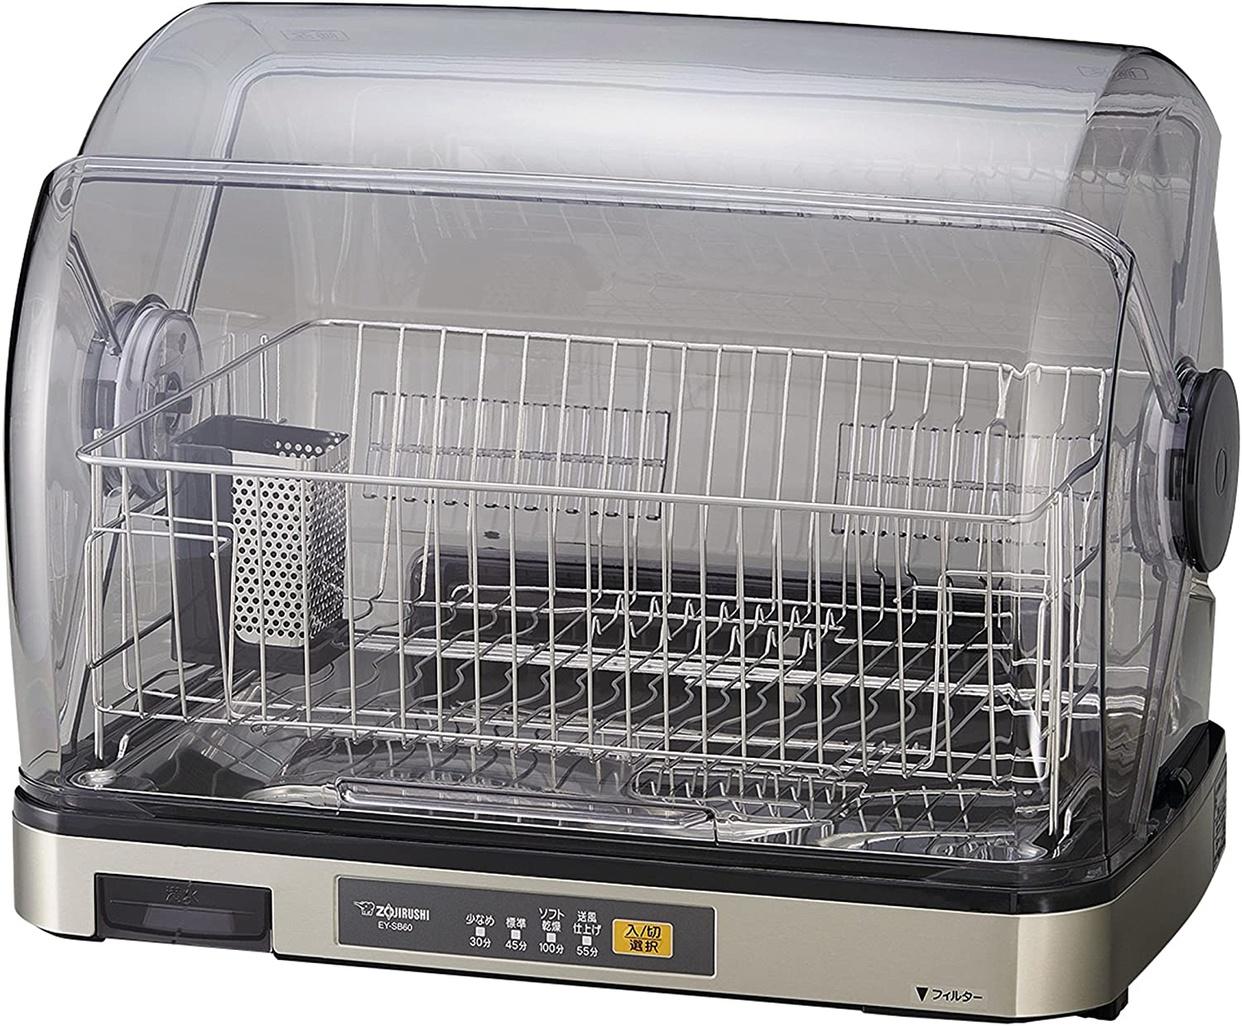 象印(ZOJIRUSHI) 食器乾燥機 EY-SB60 XHの商品画像